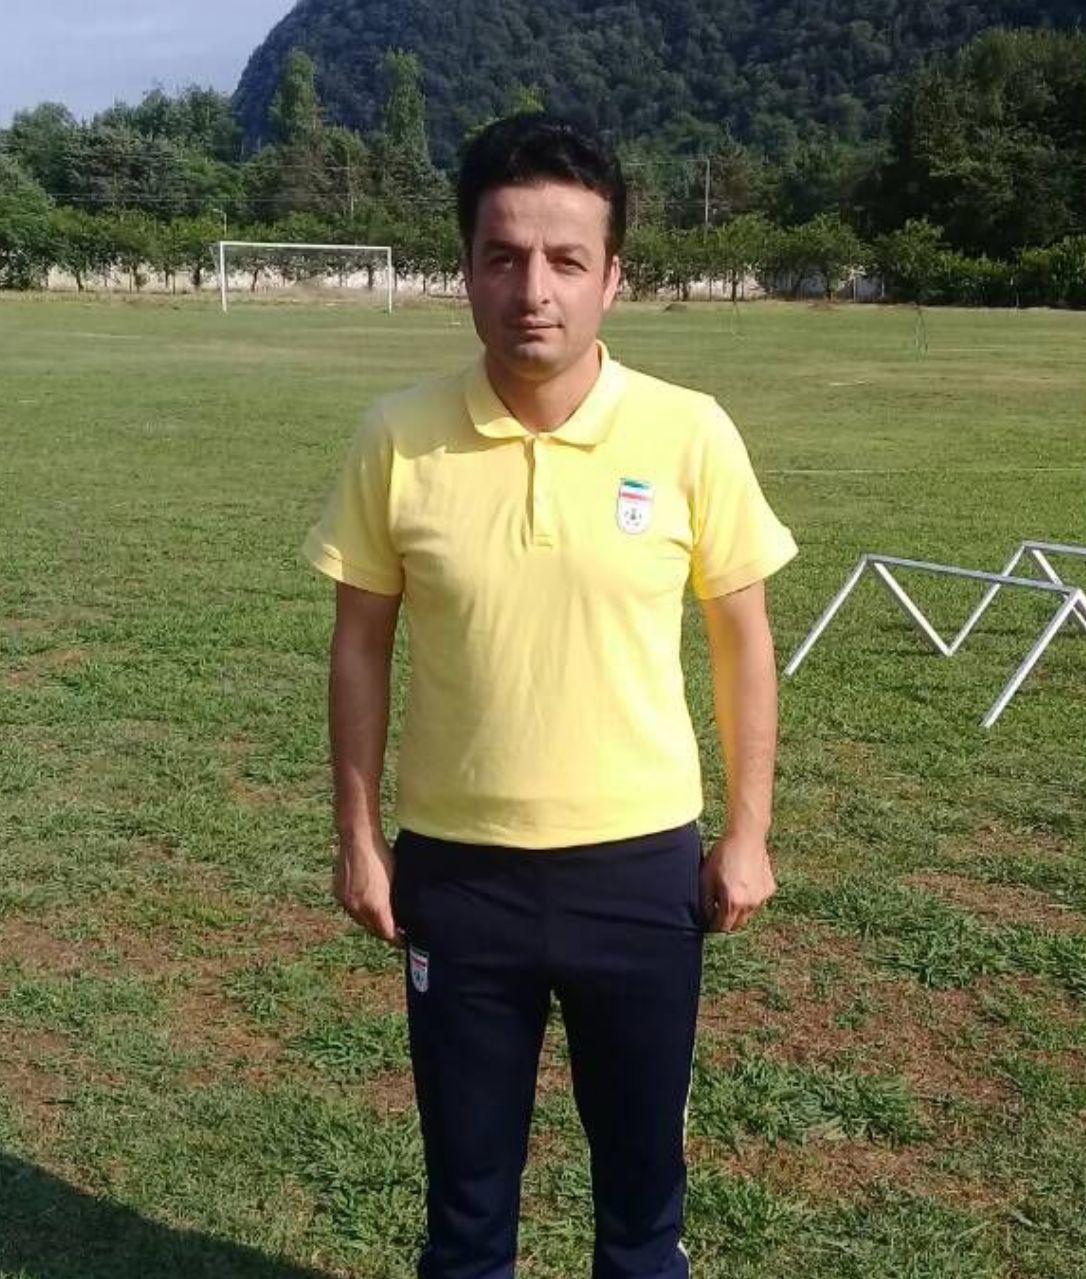 پیام تبریک شهرداری چوبر به جناب آقای وحید سکوتی